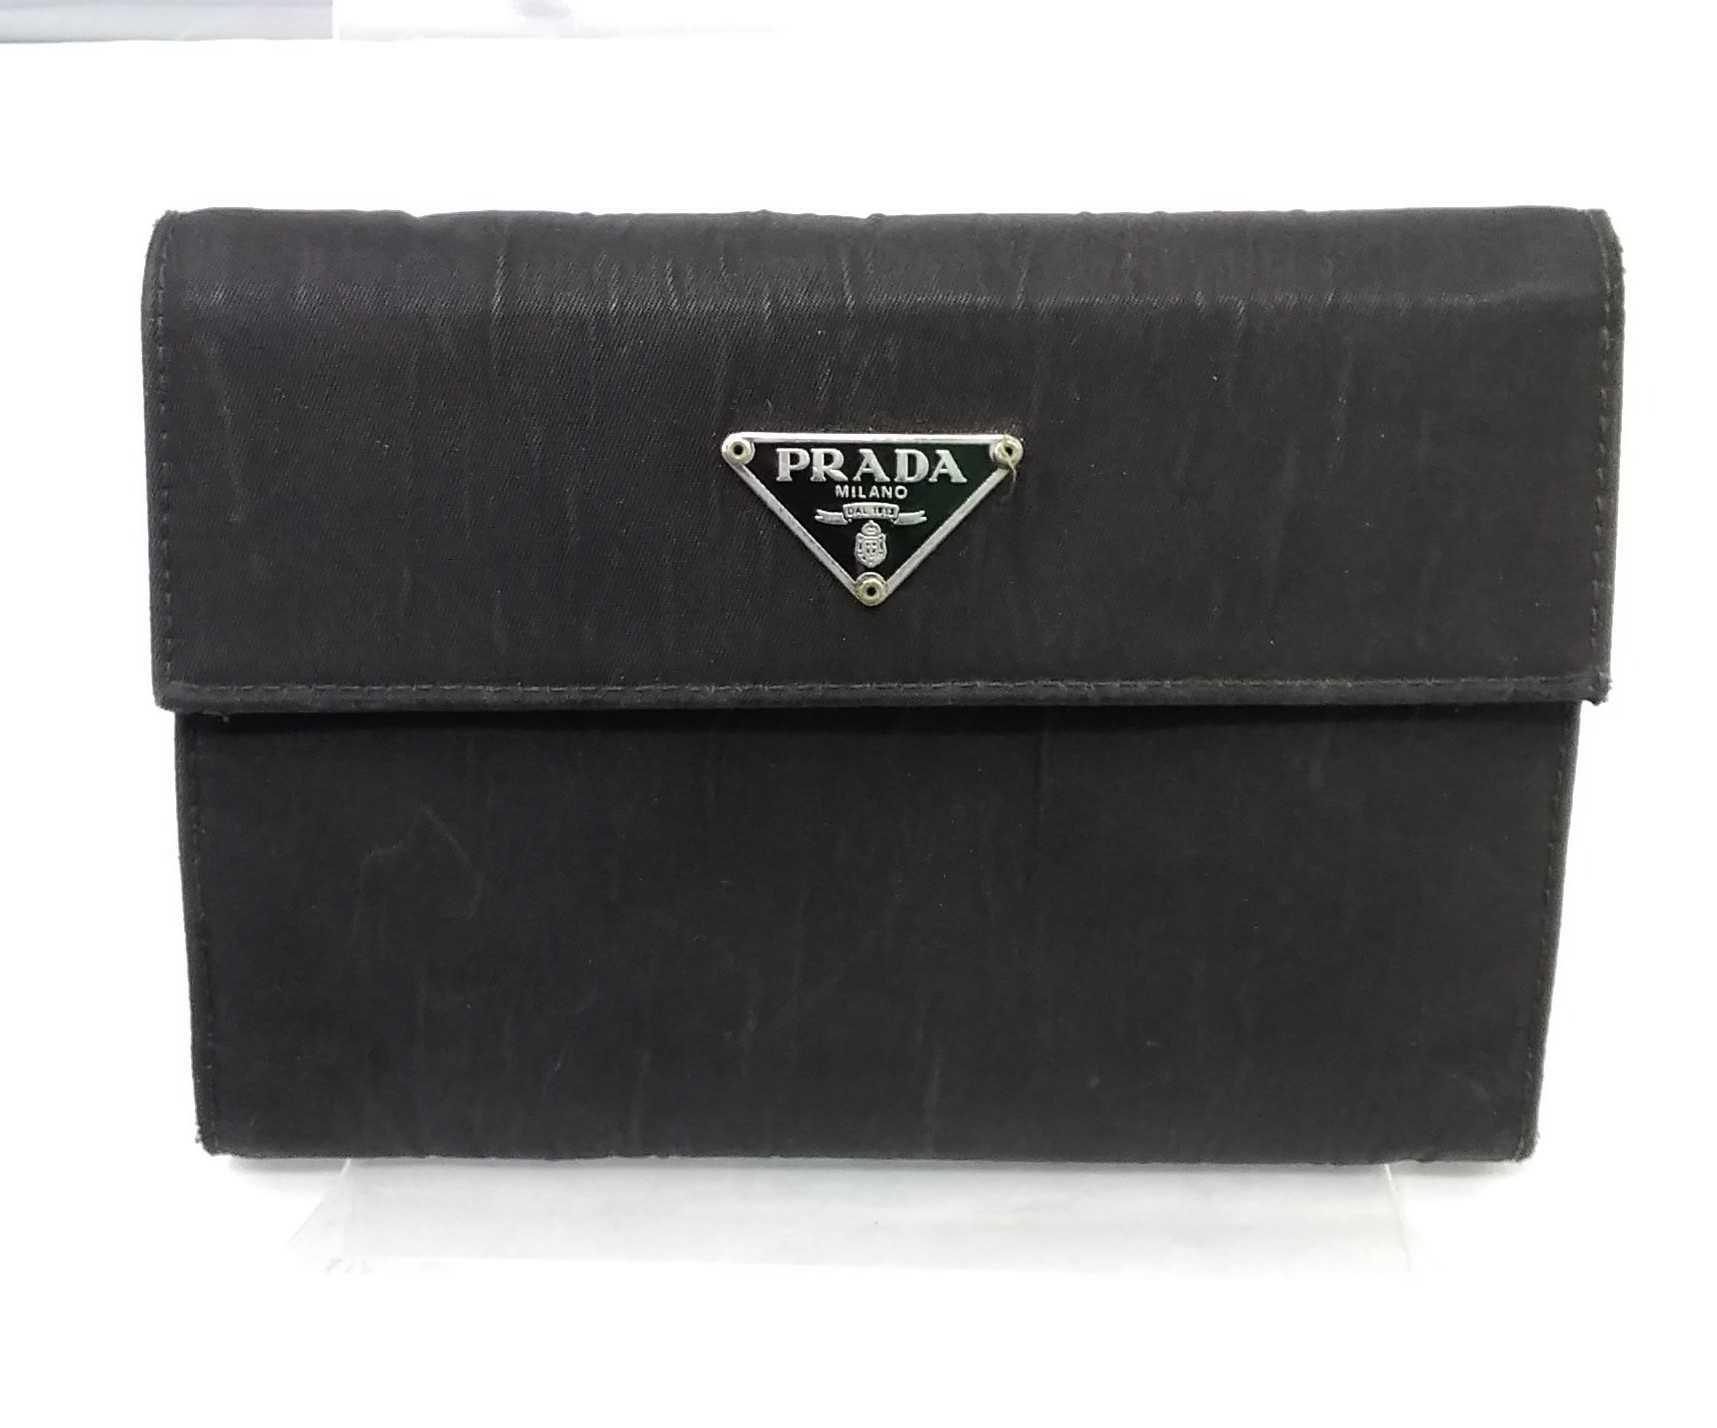 3つ折り財布|PRADA